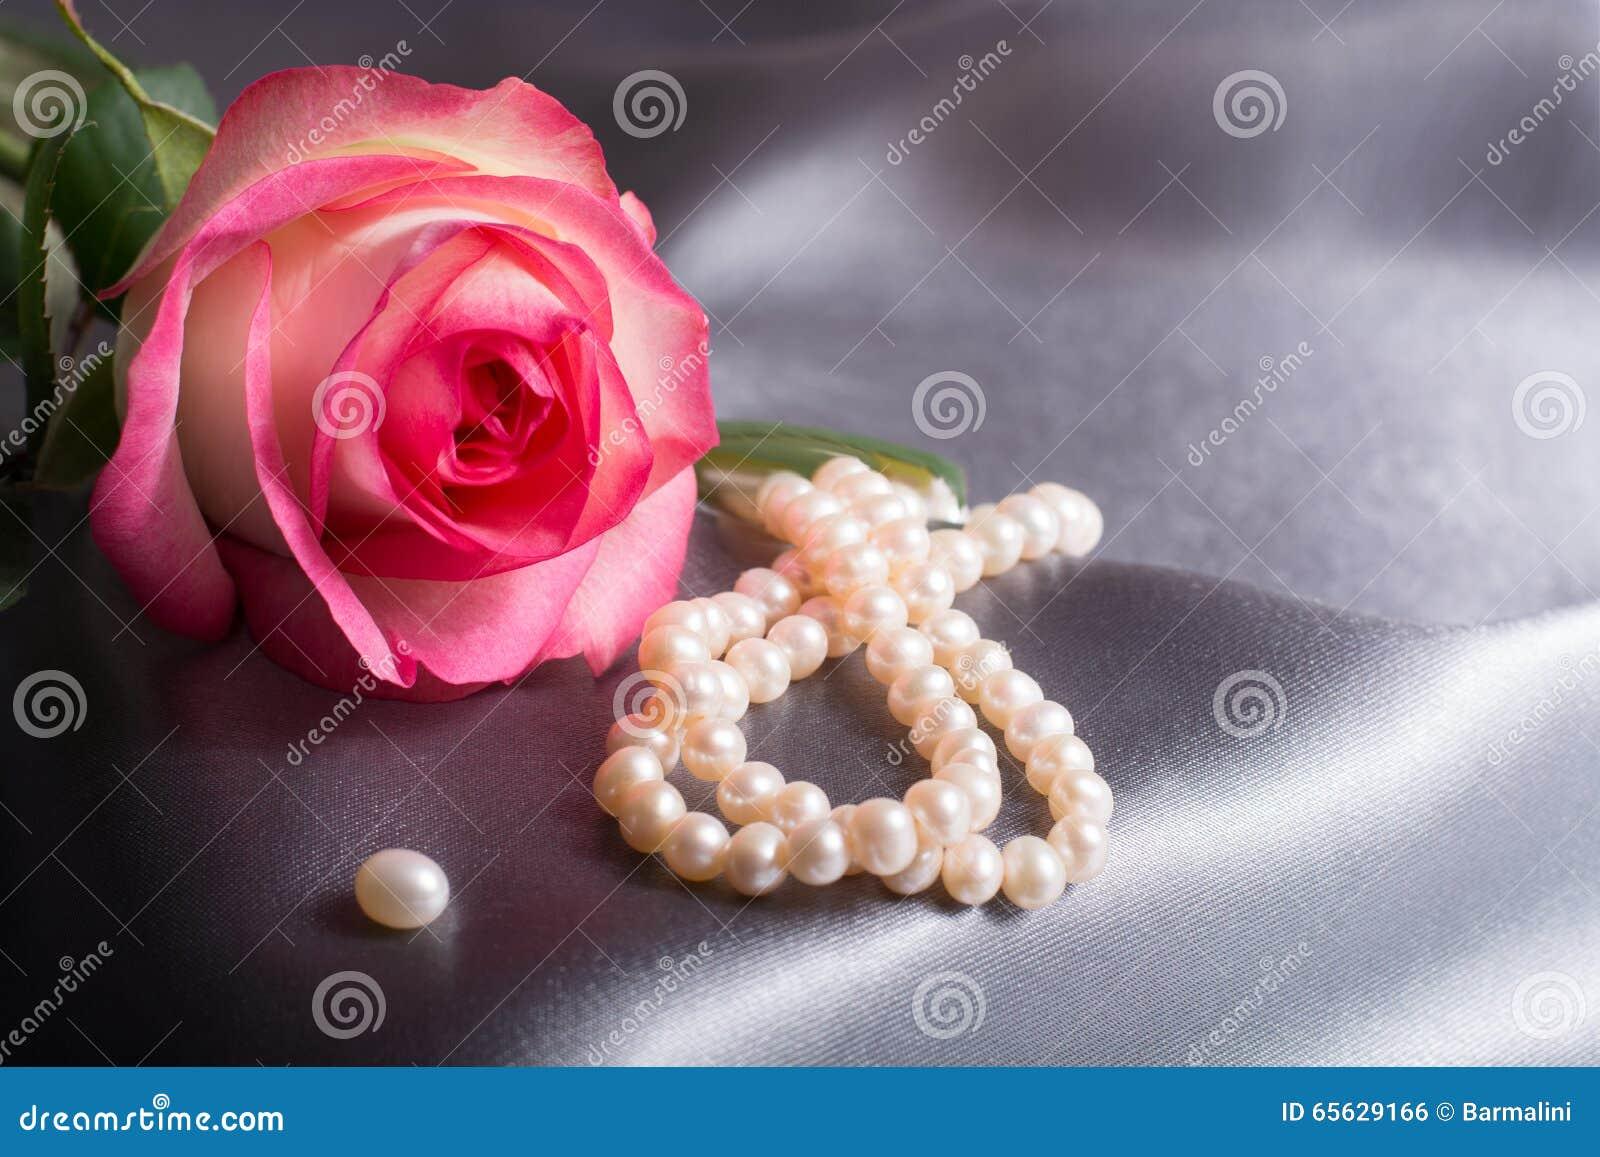 Concept de Saint-Valentin, concept de fête des mères, rose de rose sur le fond gris en soie avec des perles